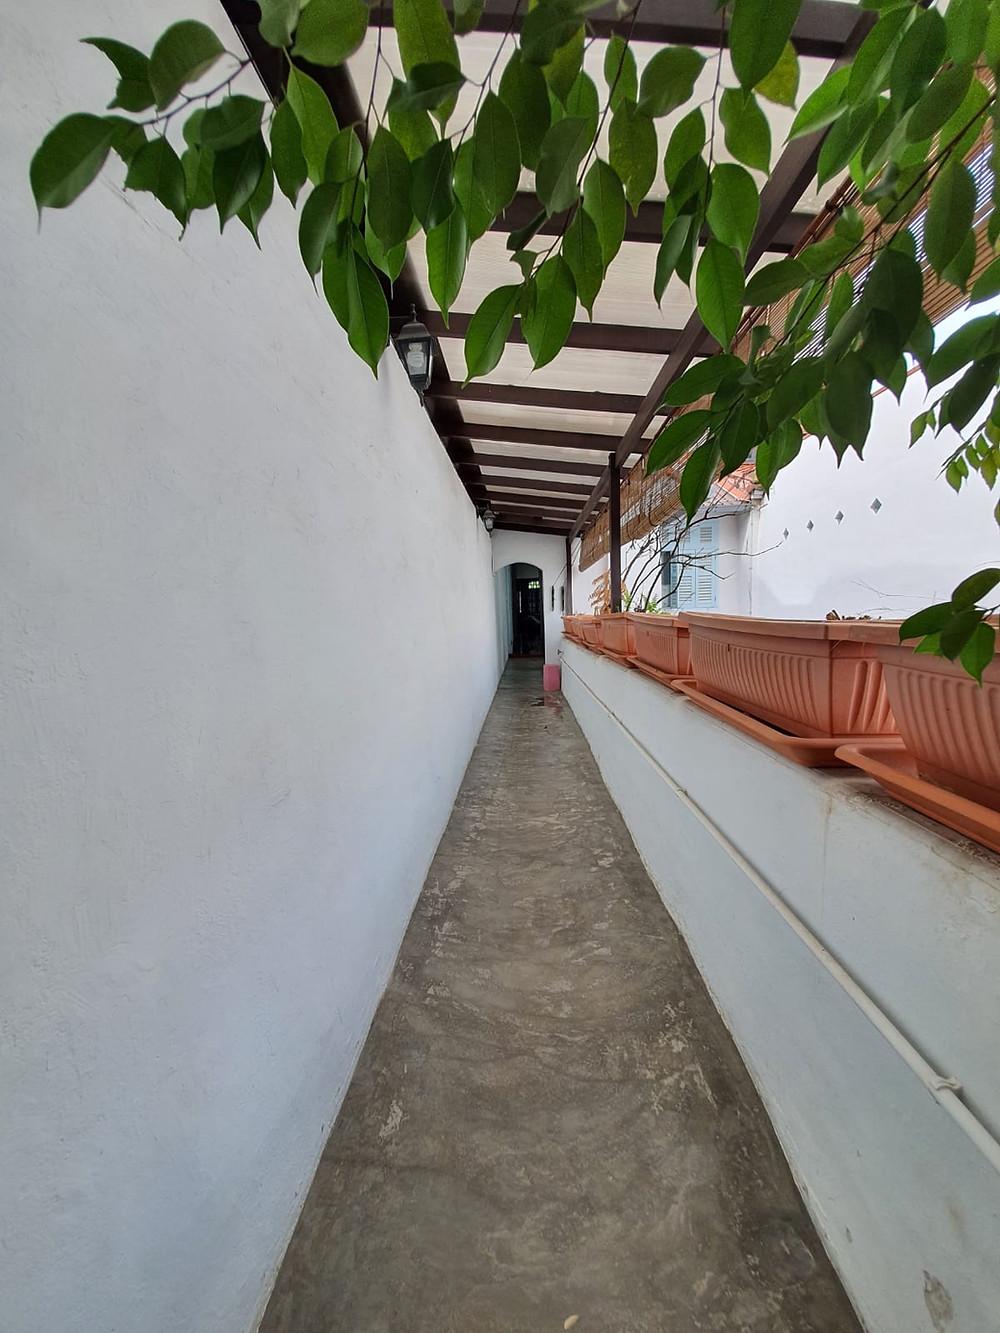 3rd Floor Walkway